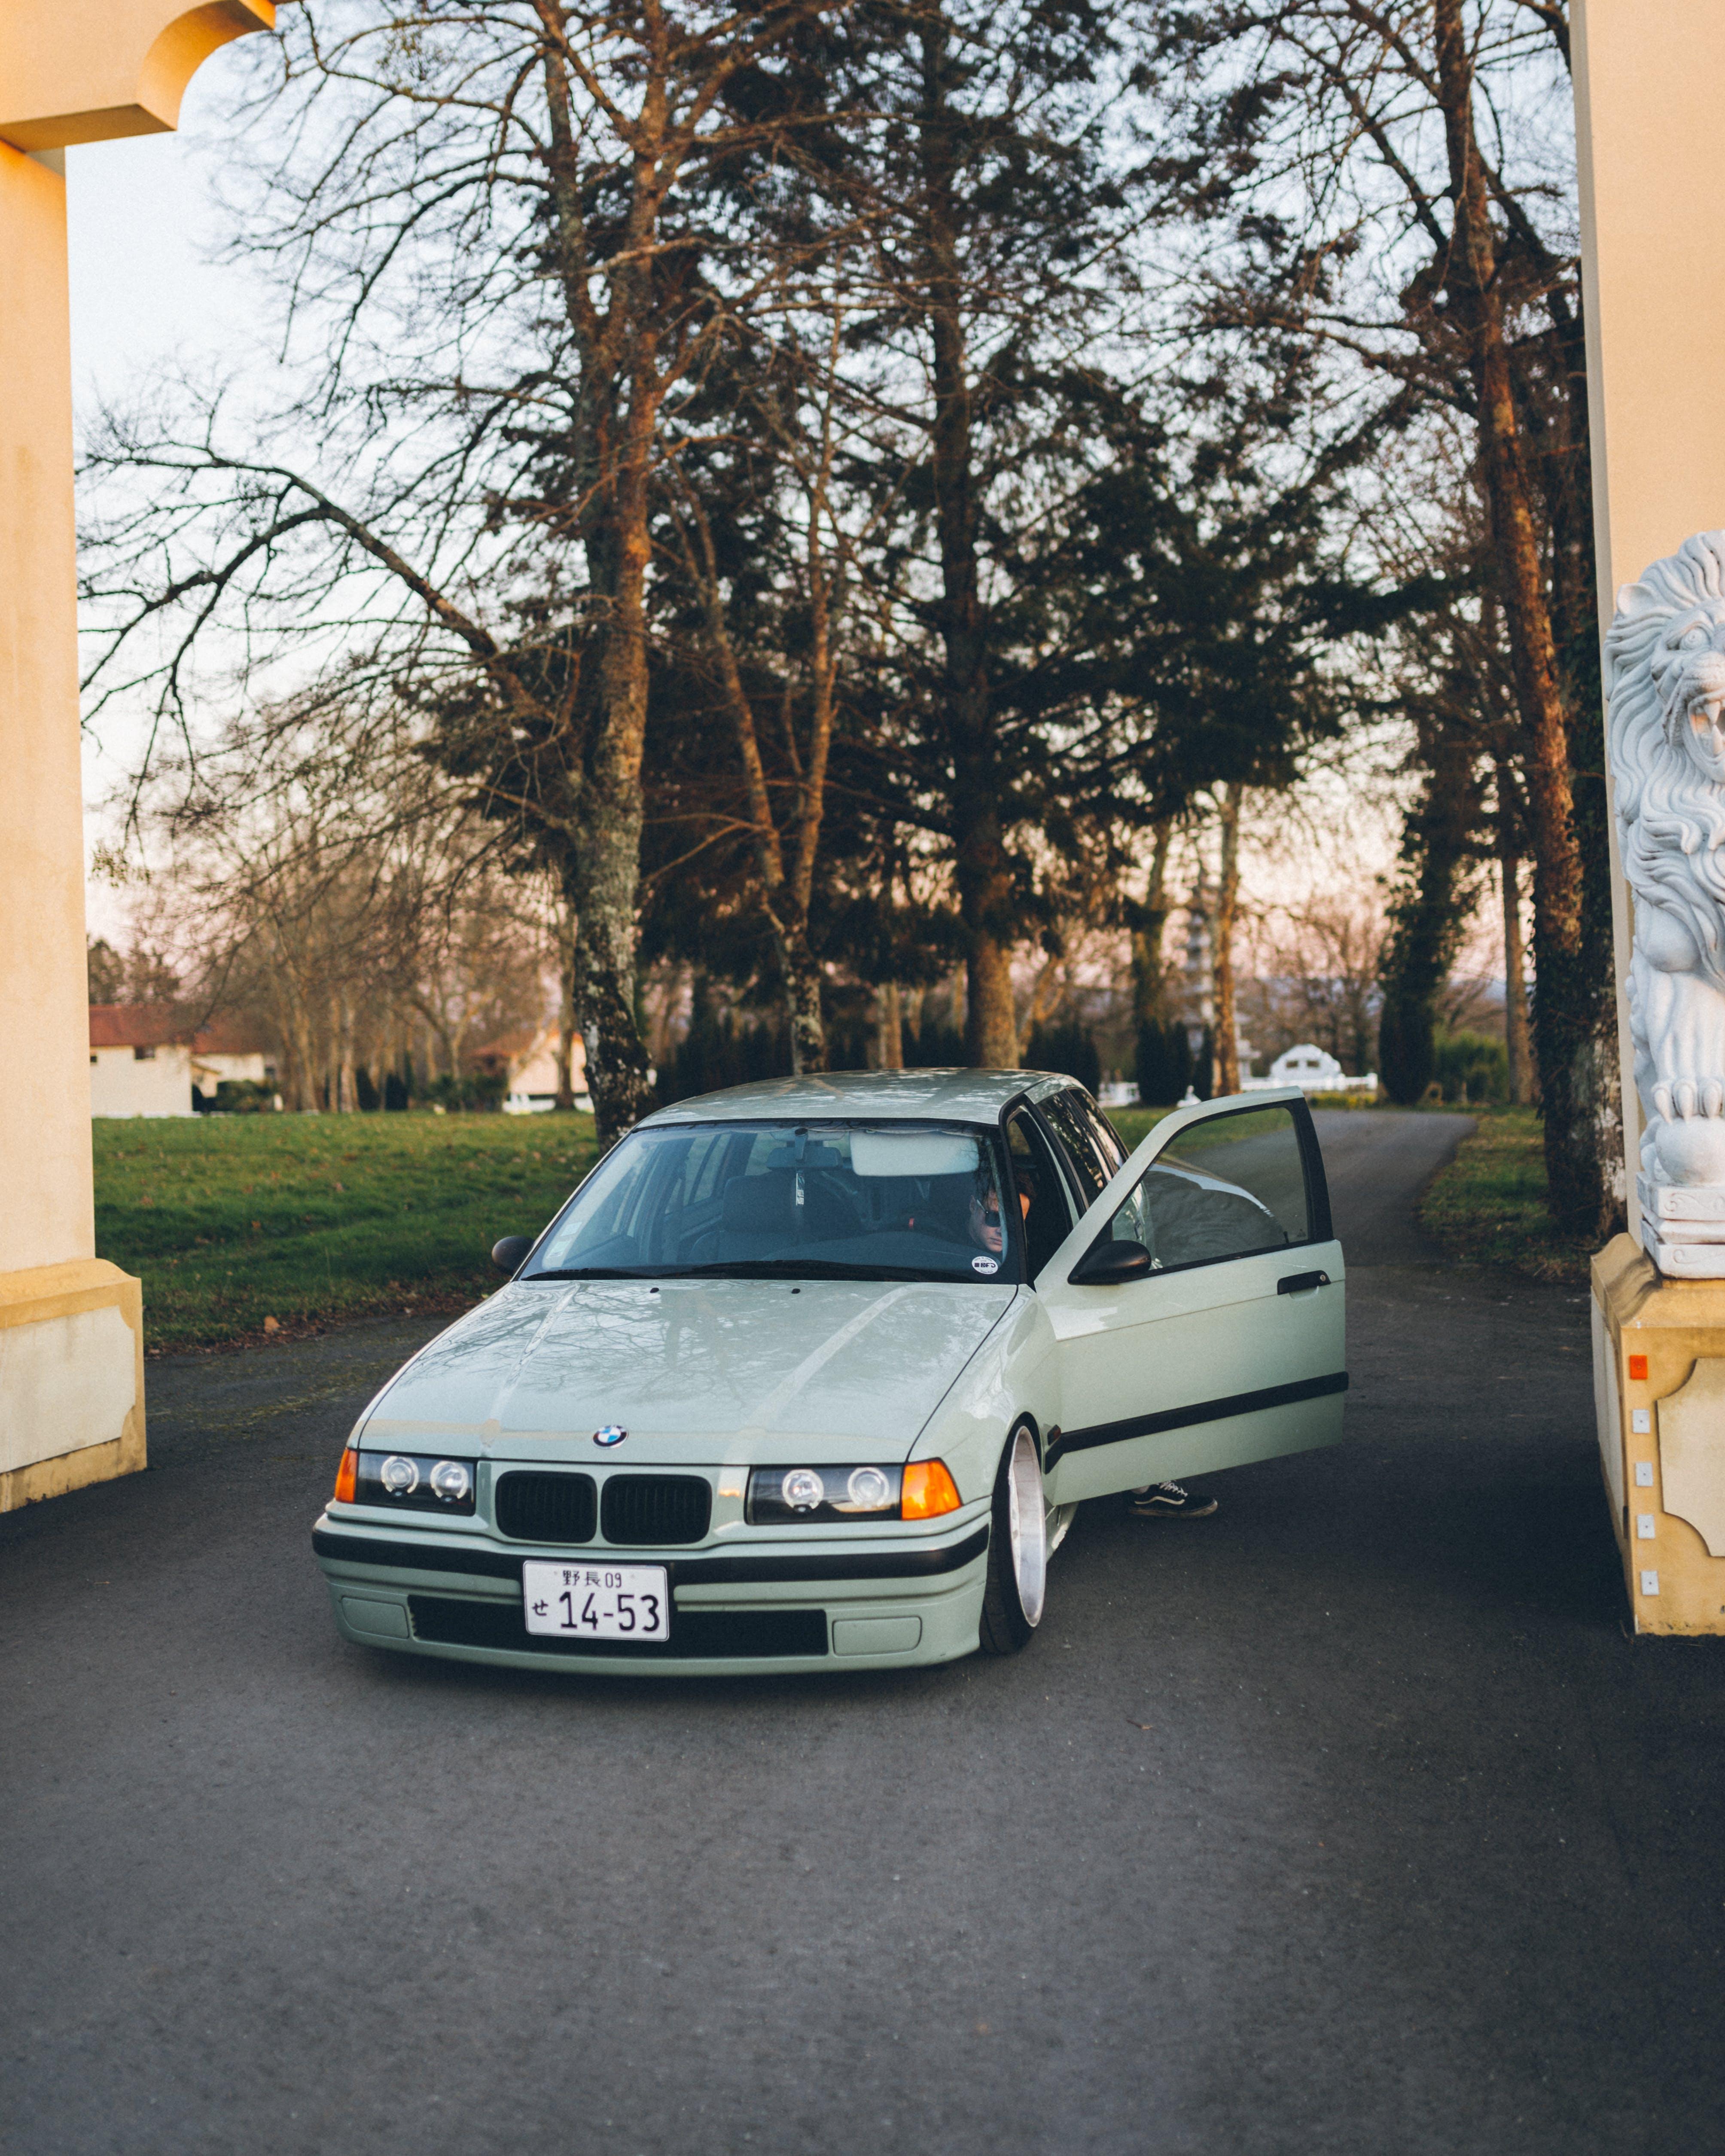 Fotos de stock gratuitas de aparcado, arboles, asfalto, automotor